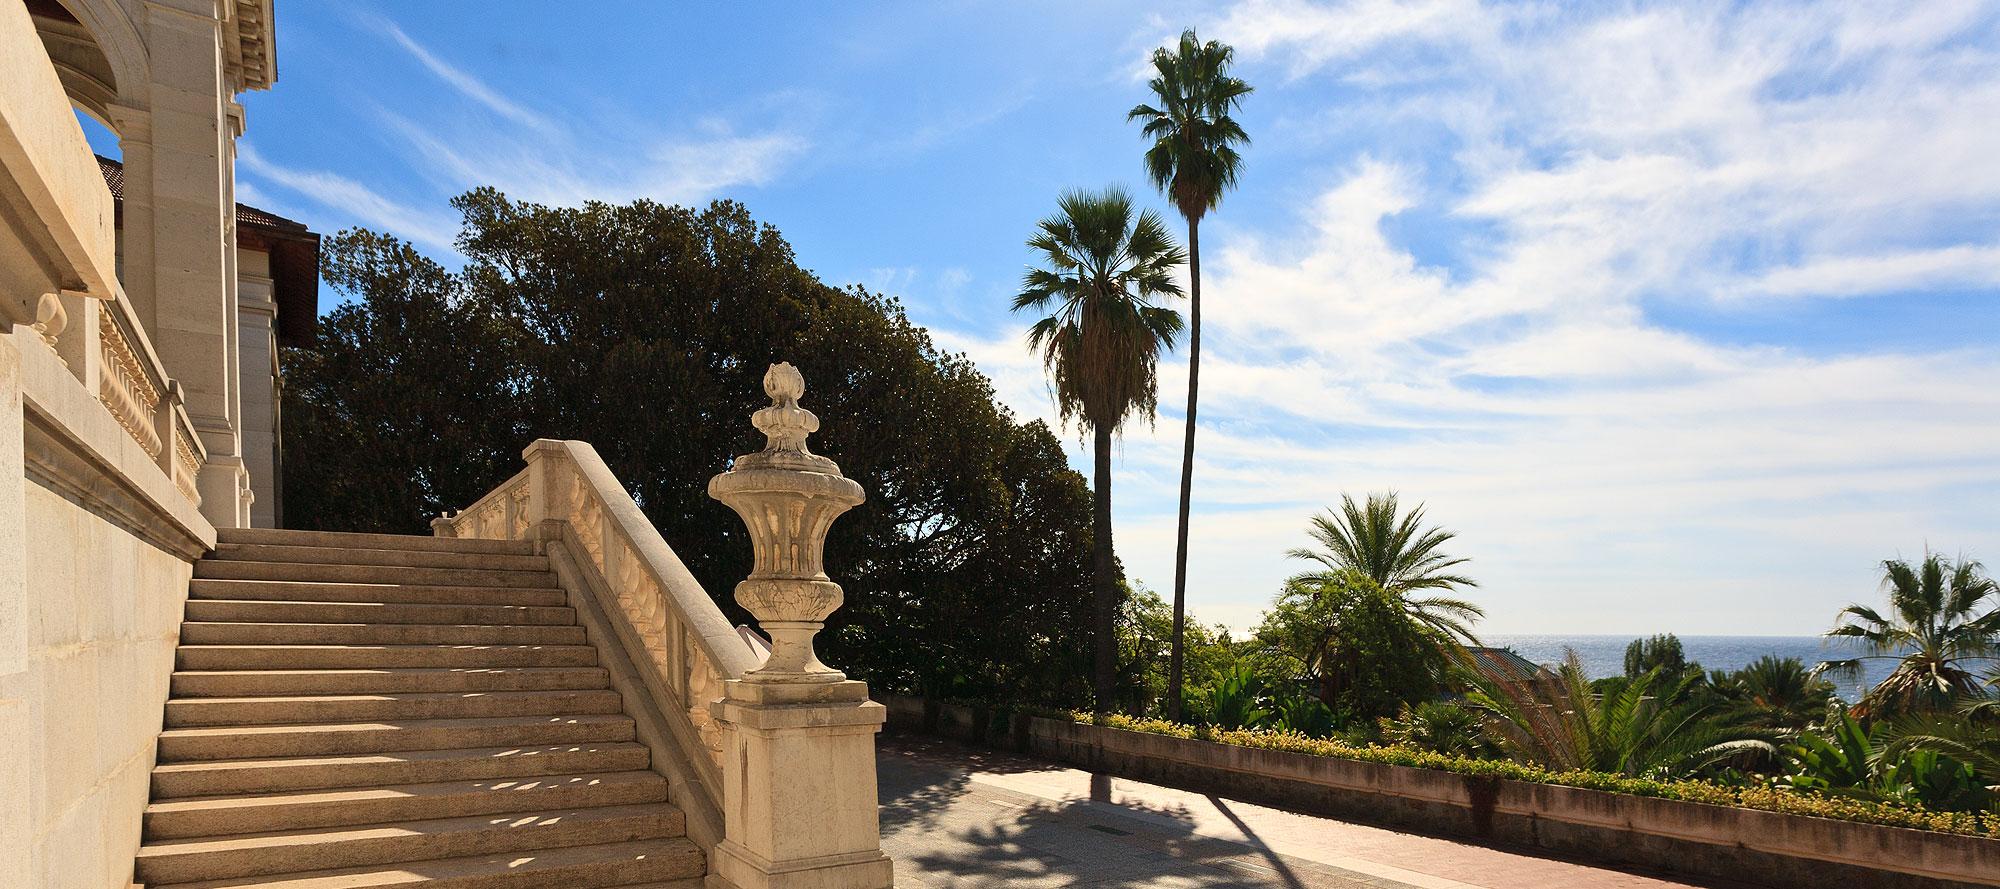 villa Ormond, Sanremo, Italy